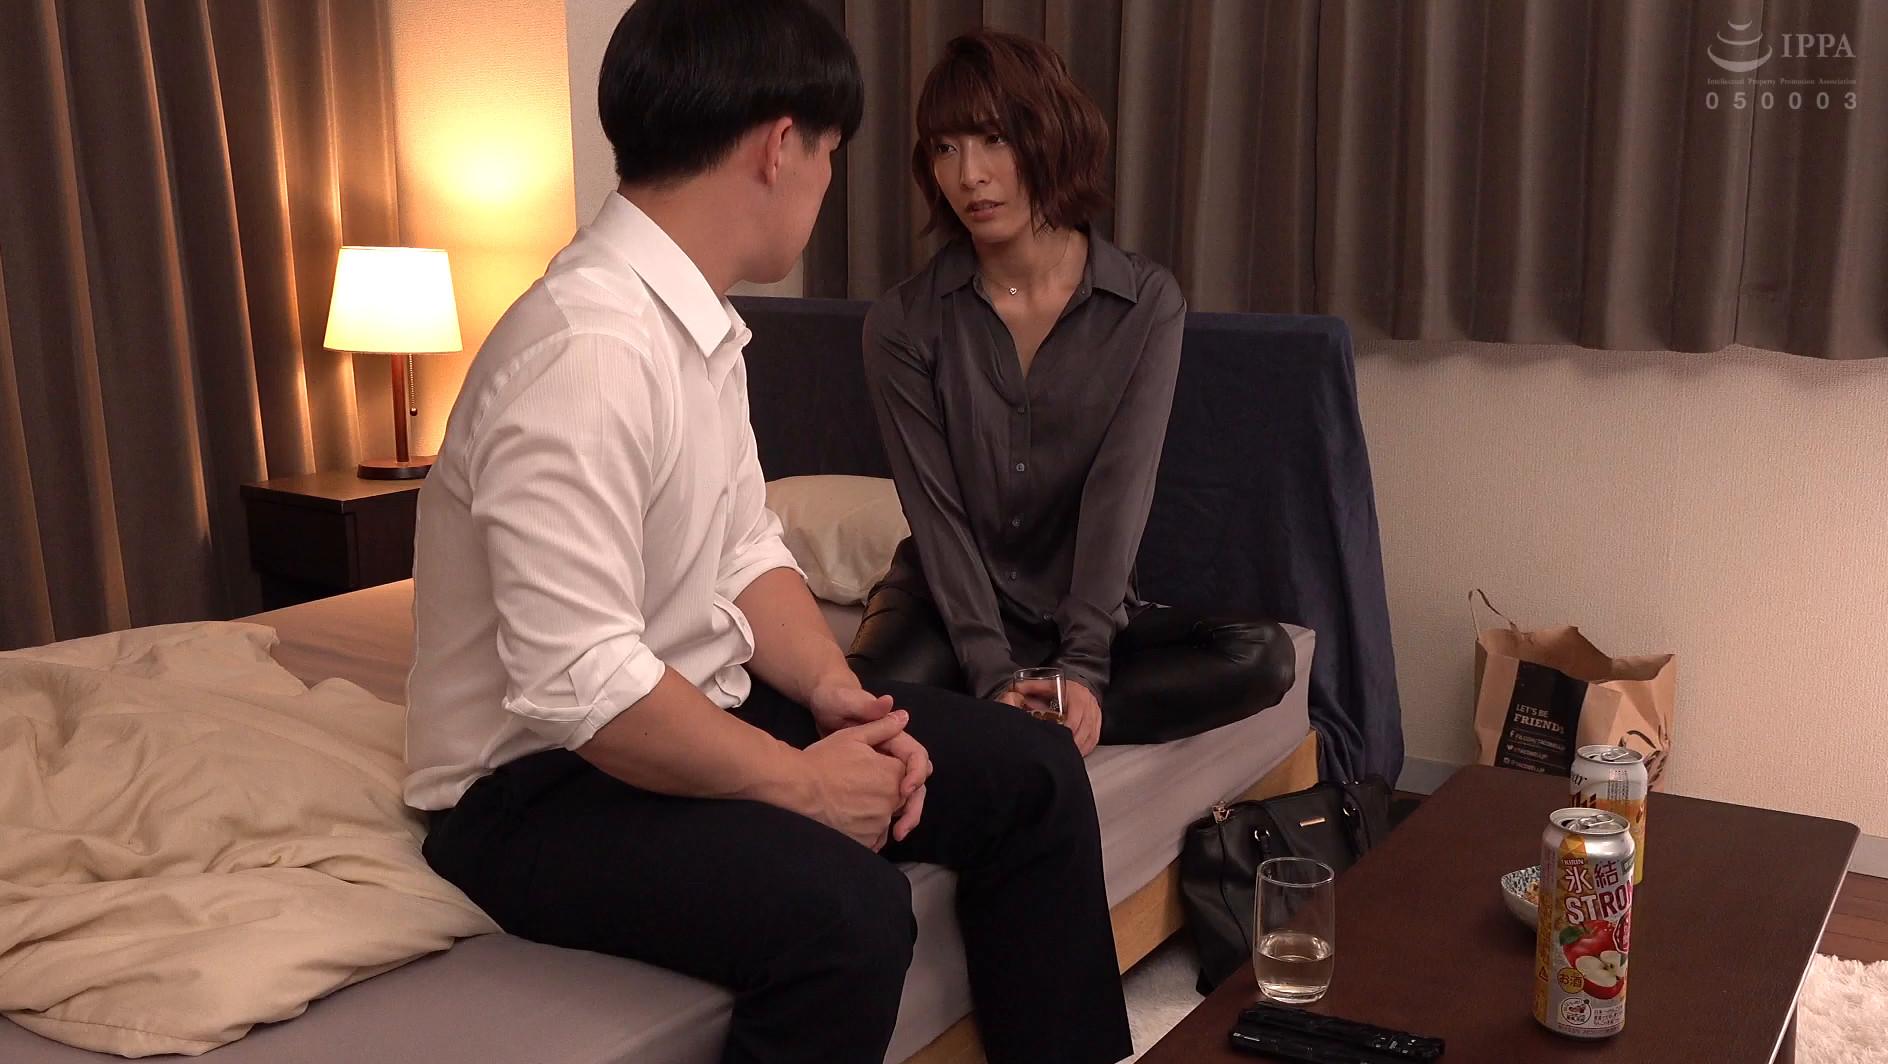 阿部乃みく ミリオン専属 第1弾ドラマ 完全女性上位 執拗に男ヲ責めて悦ぶオンナ 痴女OLはオフィスにて男性上司を堕とし狂わす5